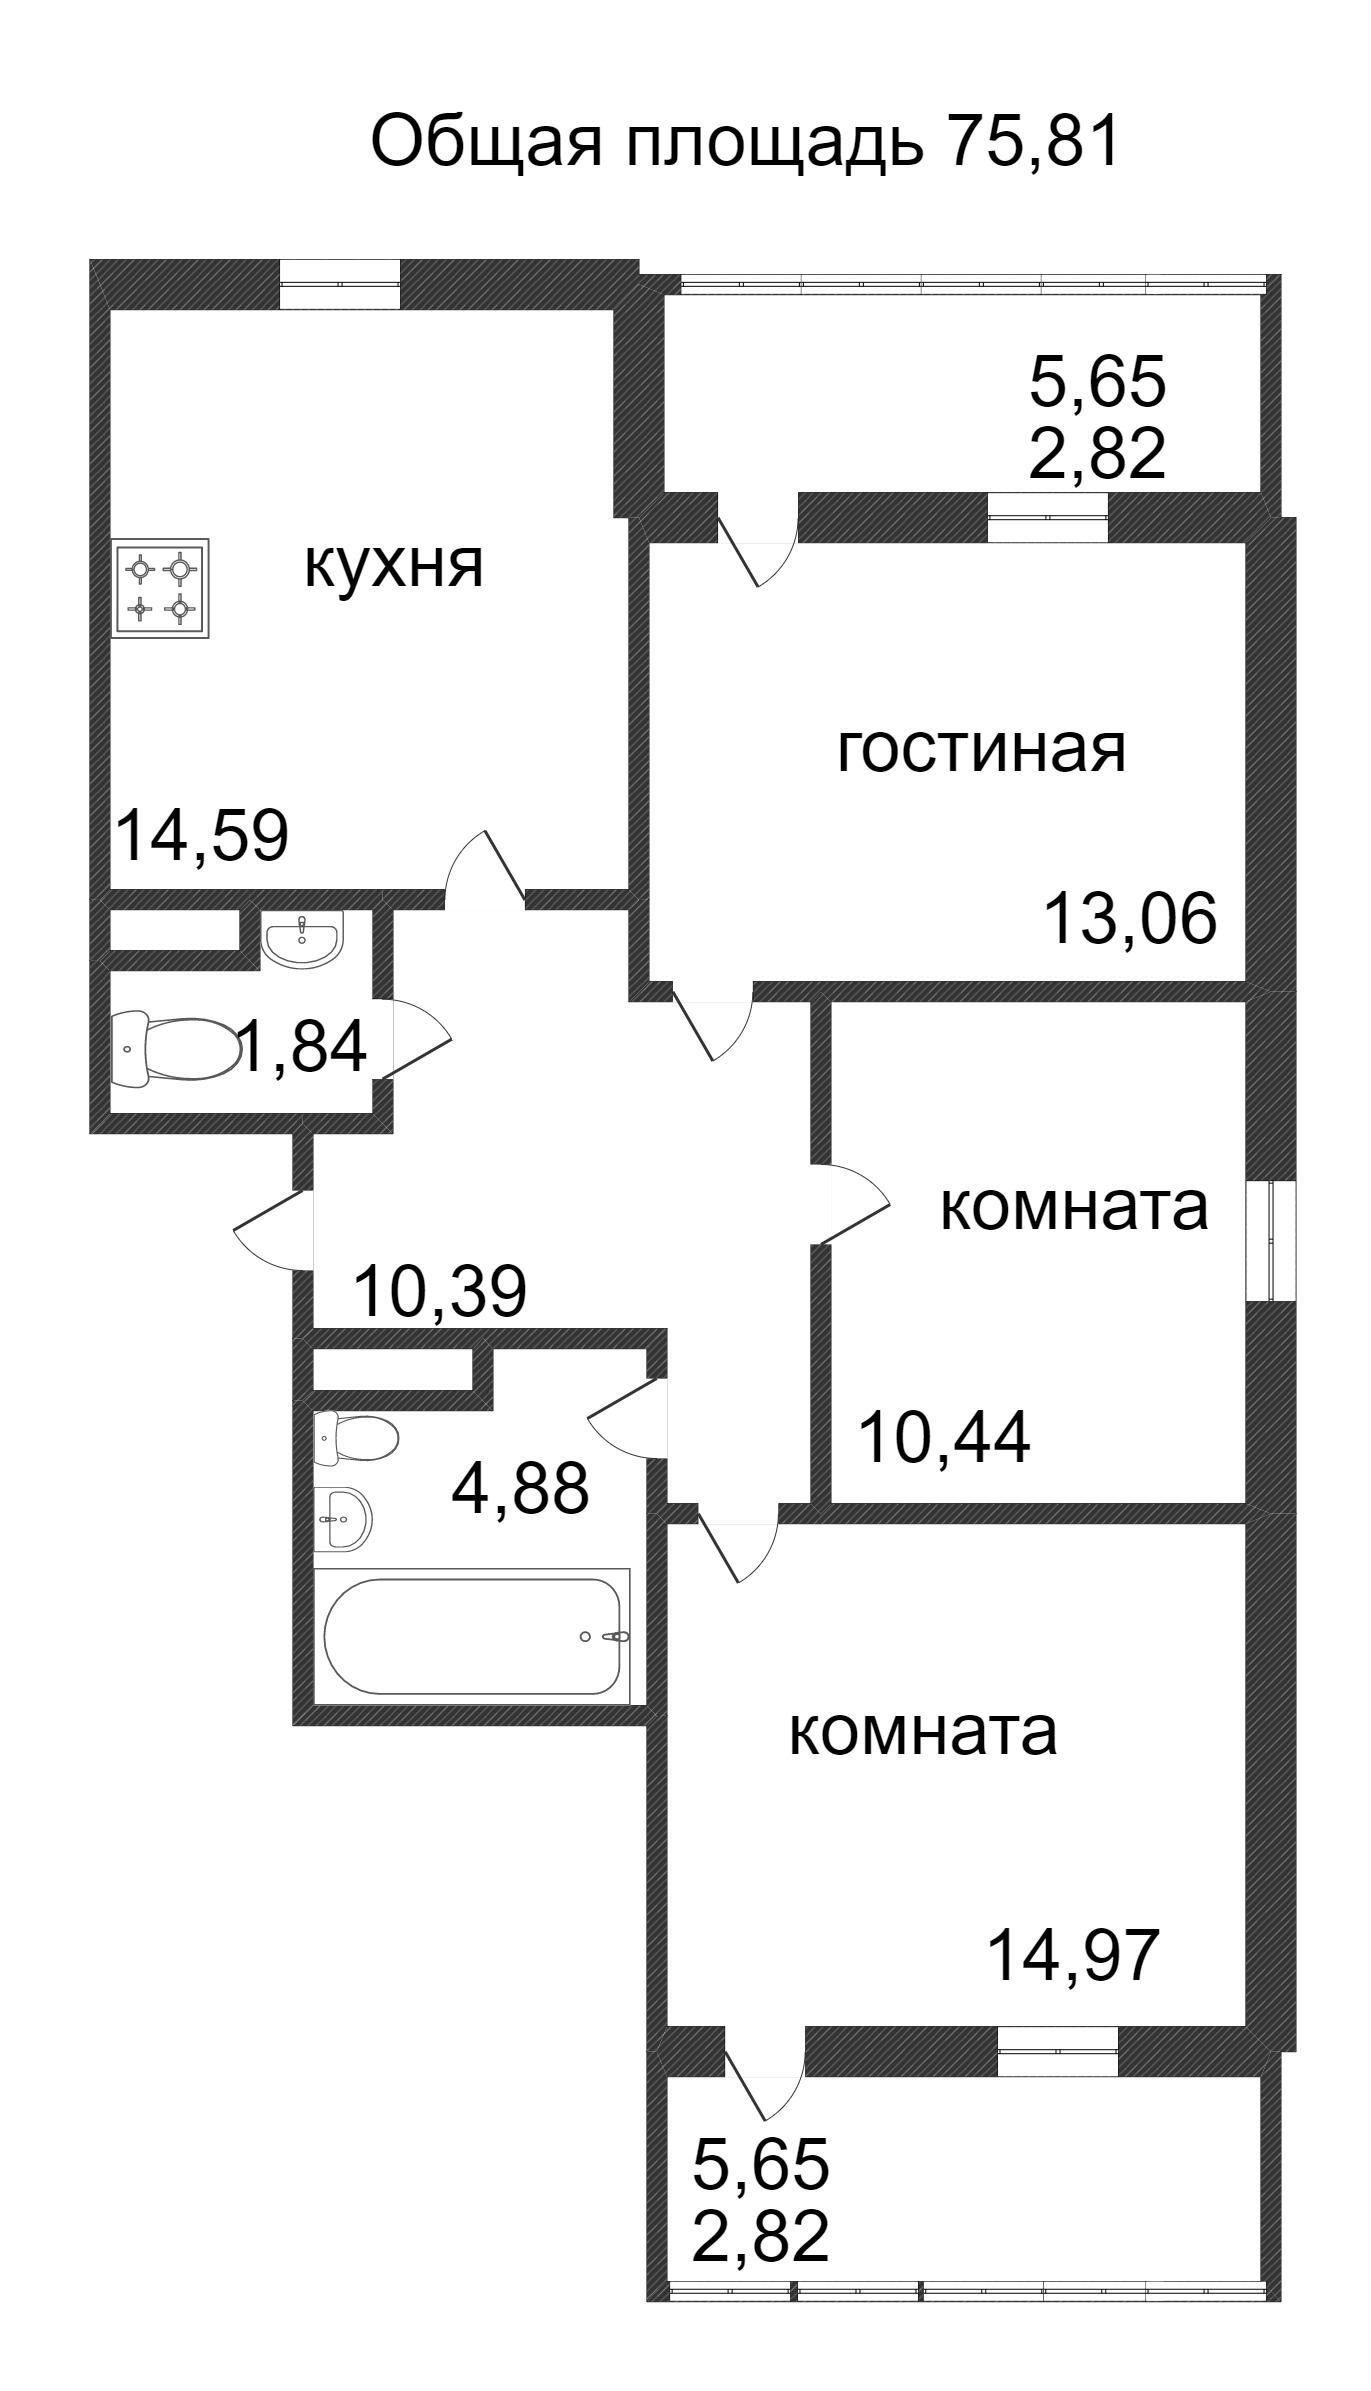 Объявление. г. Сургут, 3-комн.кв. 75.81кв.м, Ивана Захарова. Фото 3